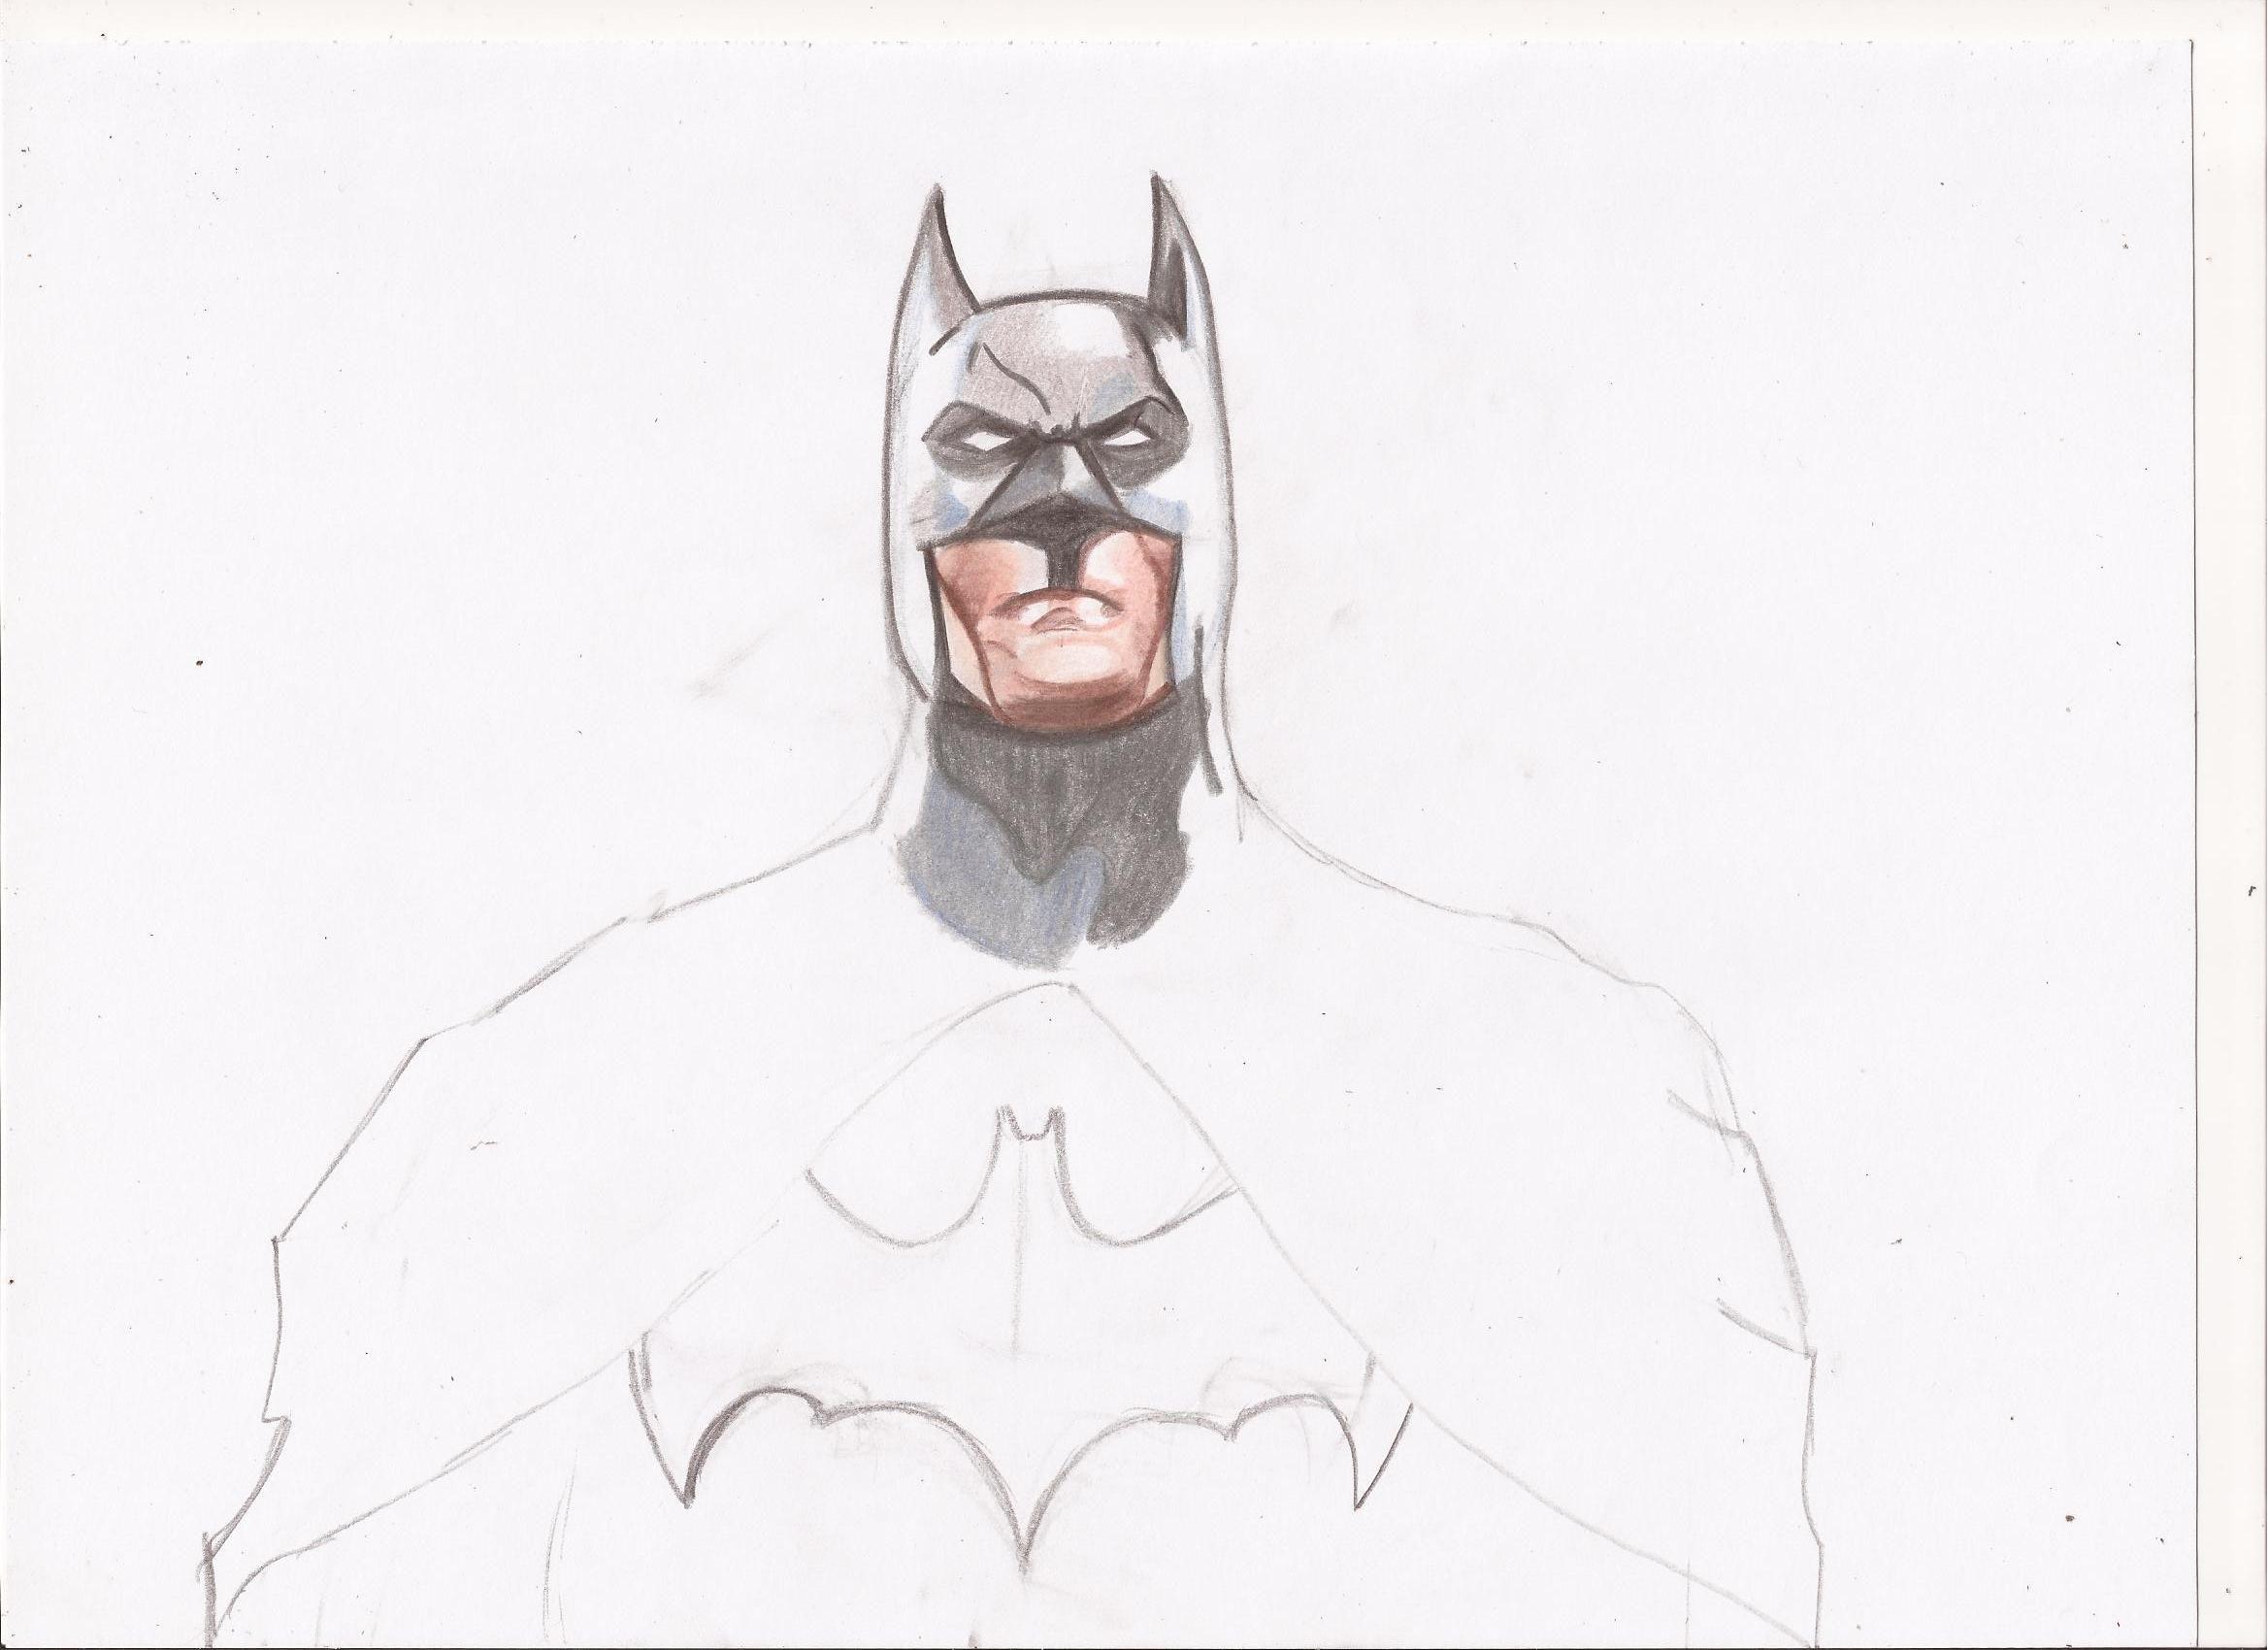 Como Dibujar A Batman Paso A Paso A Lapiz Facil Buscar Con Google